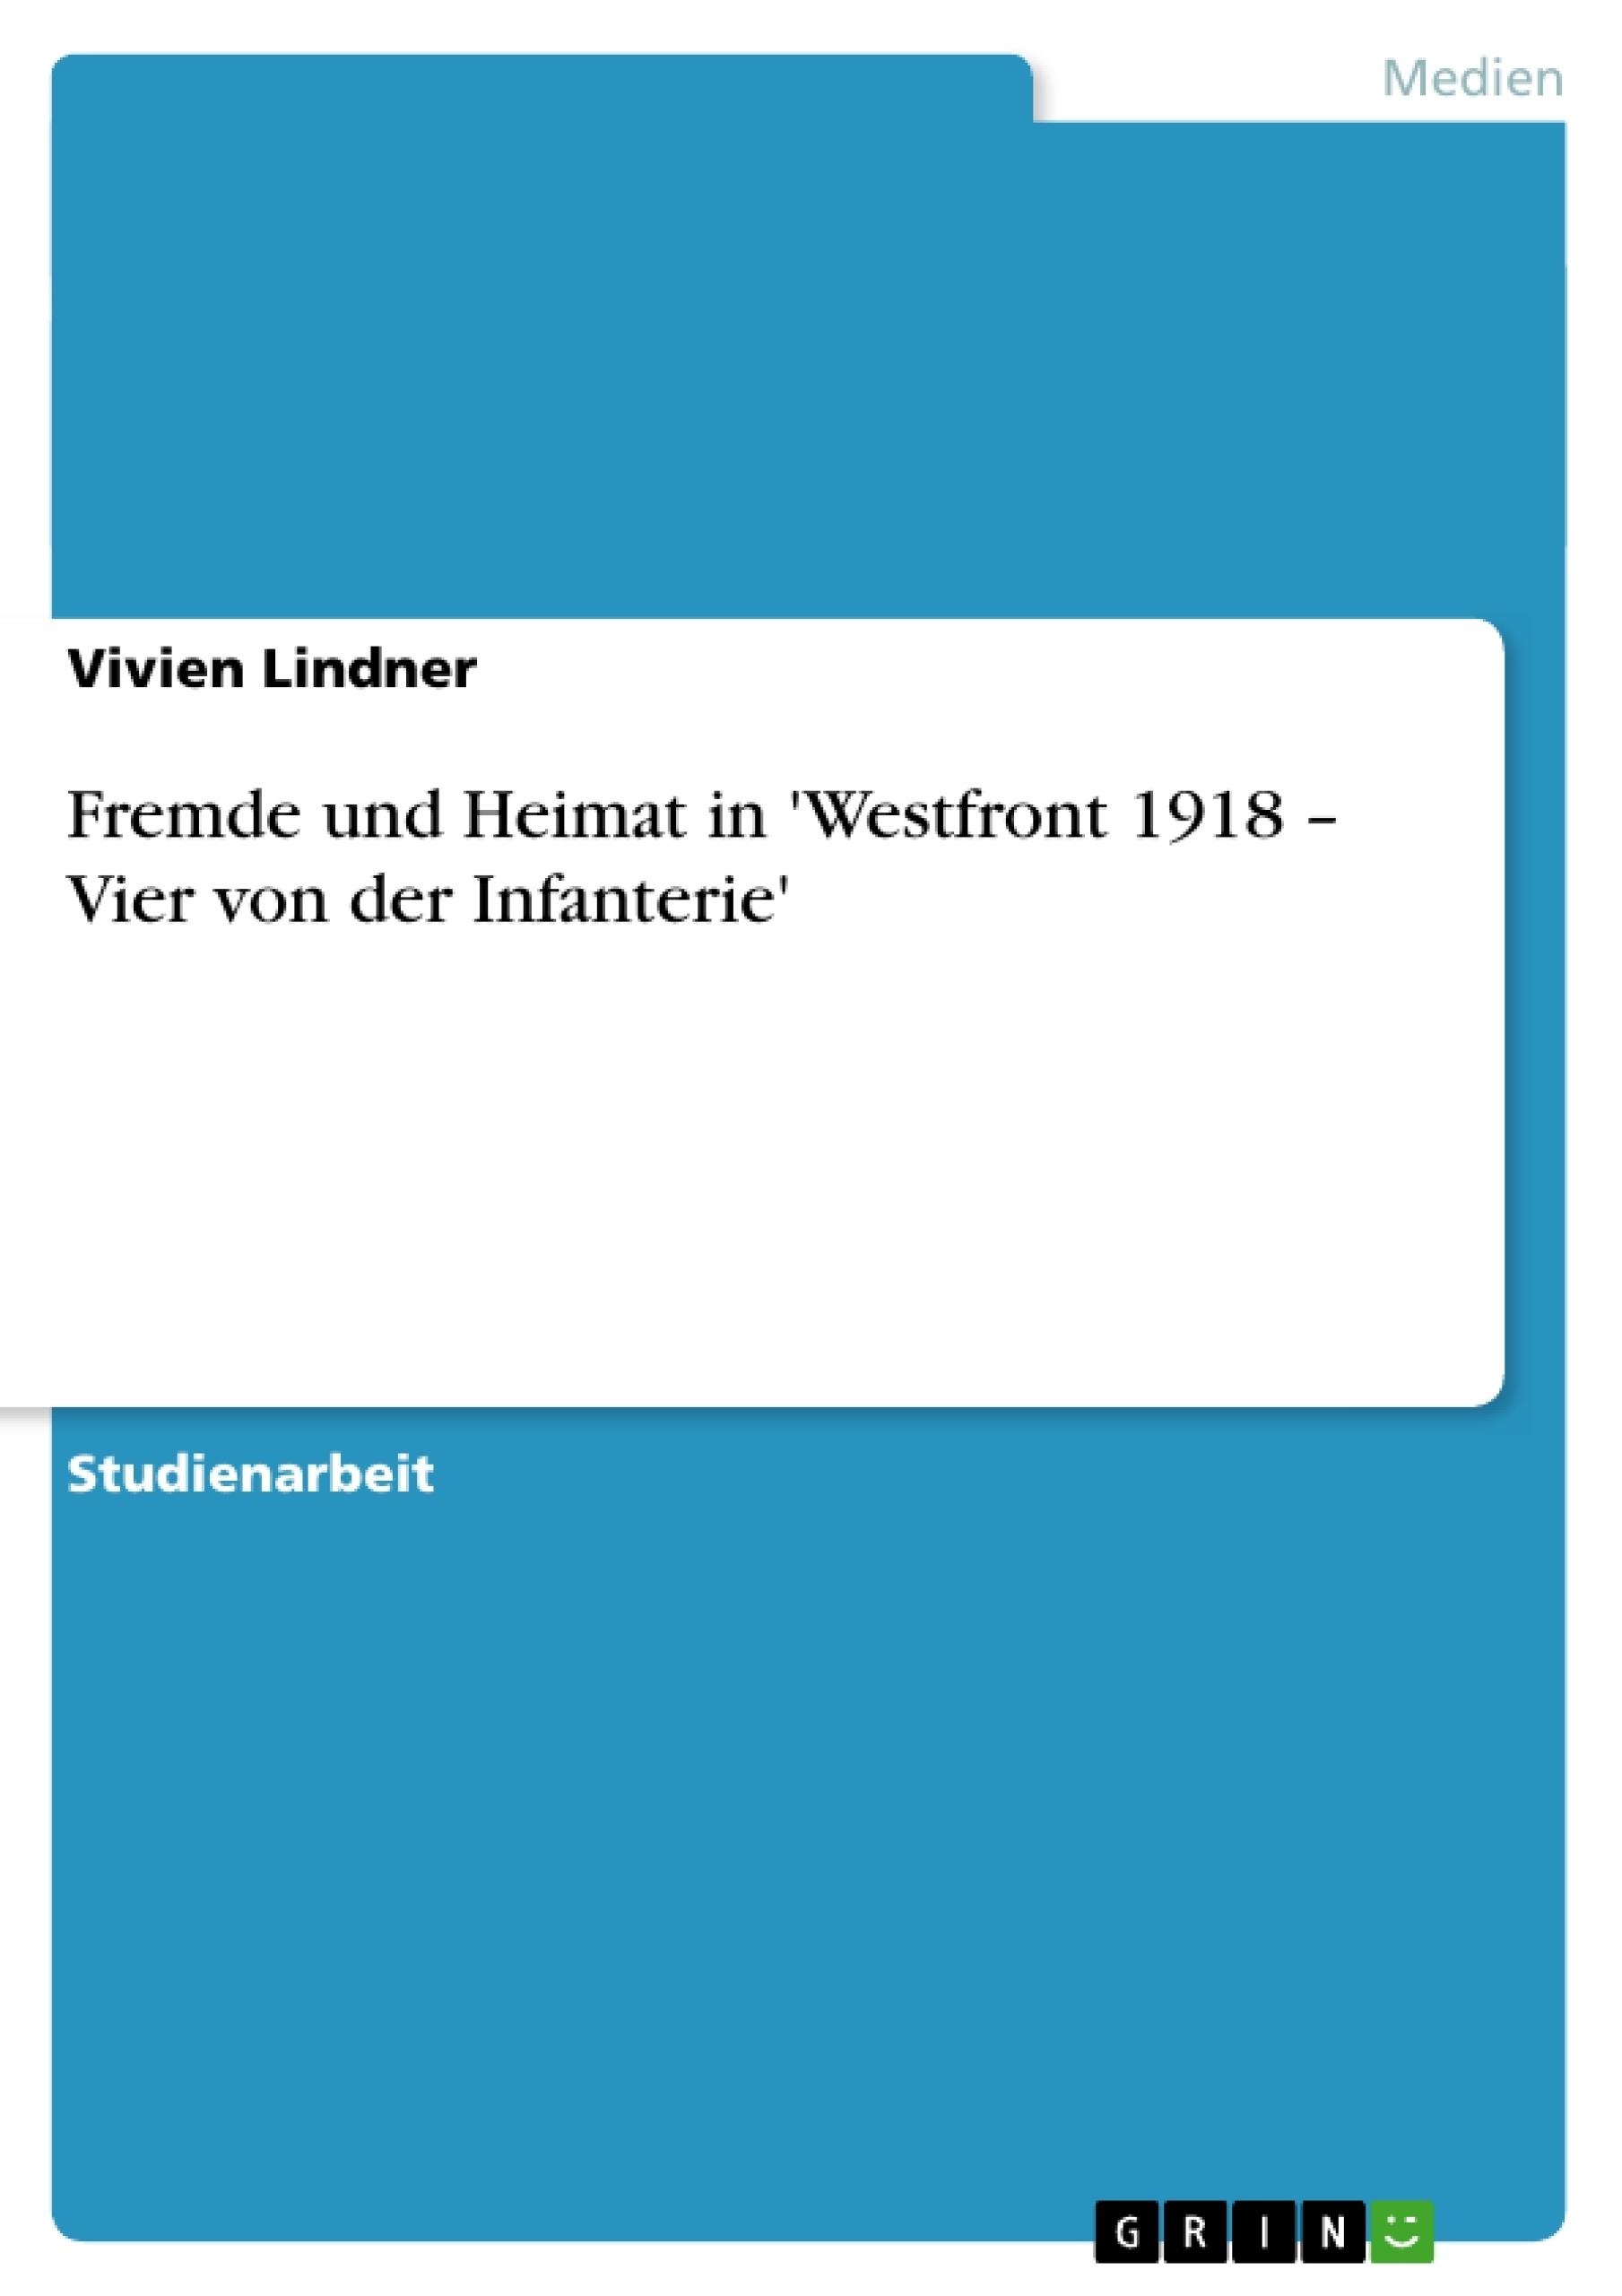 Titel: Fremde und Heimat in 'Westfront 1918 – Vier von der Infanterie'